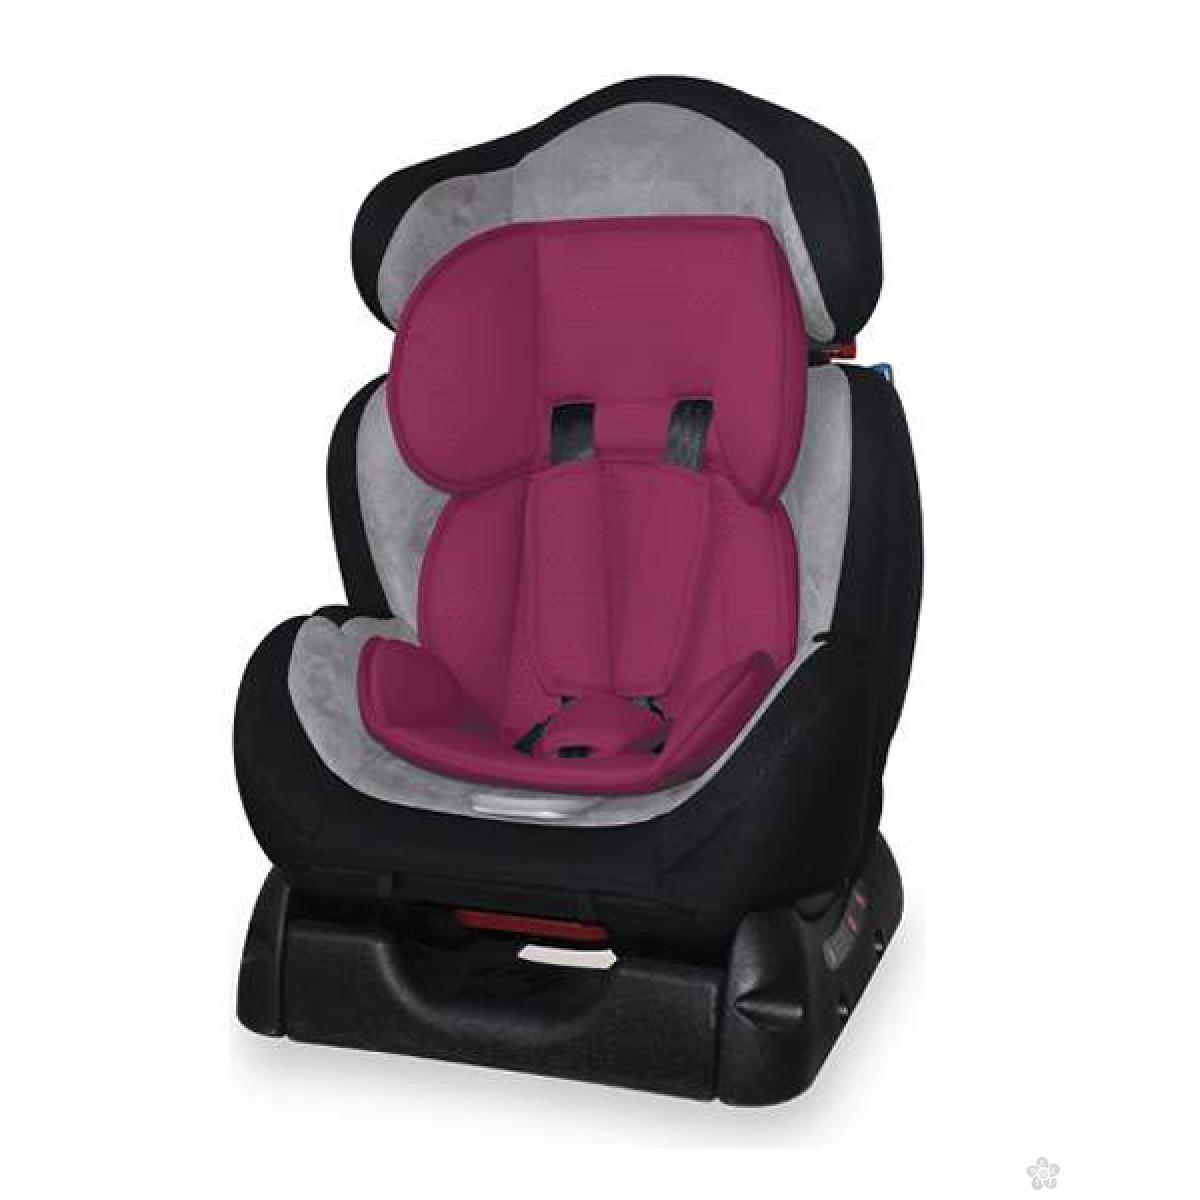 Auto Sedište Safeguard Rose & Grey 0-25kg 10070711662